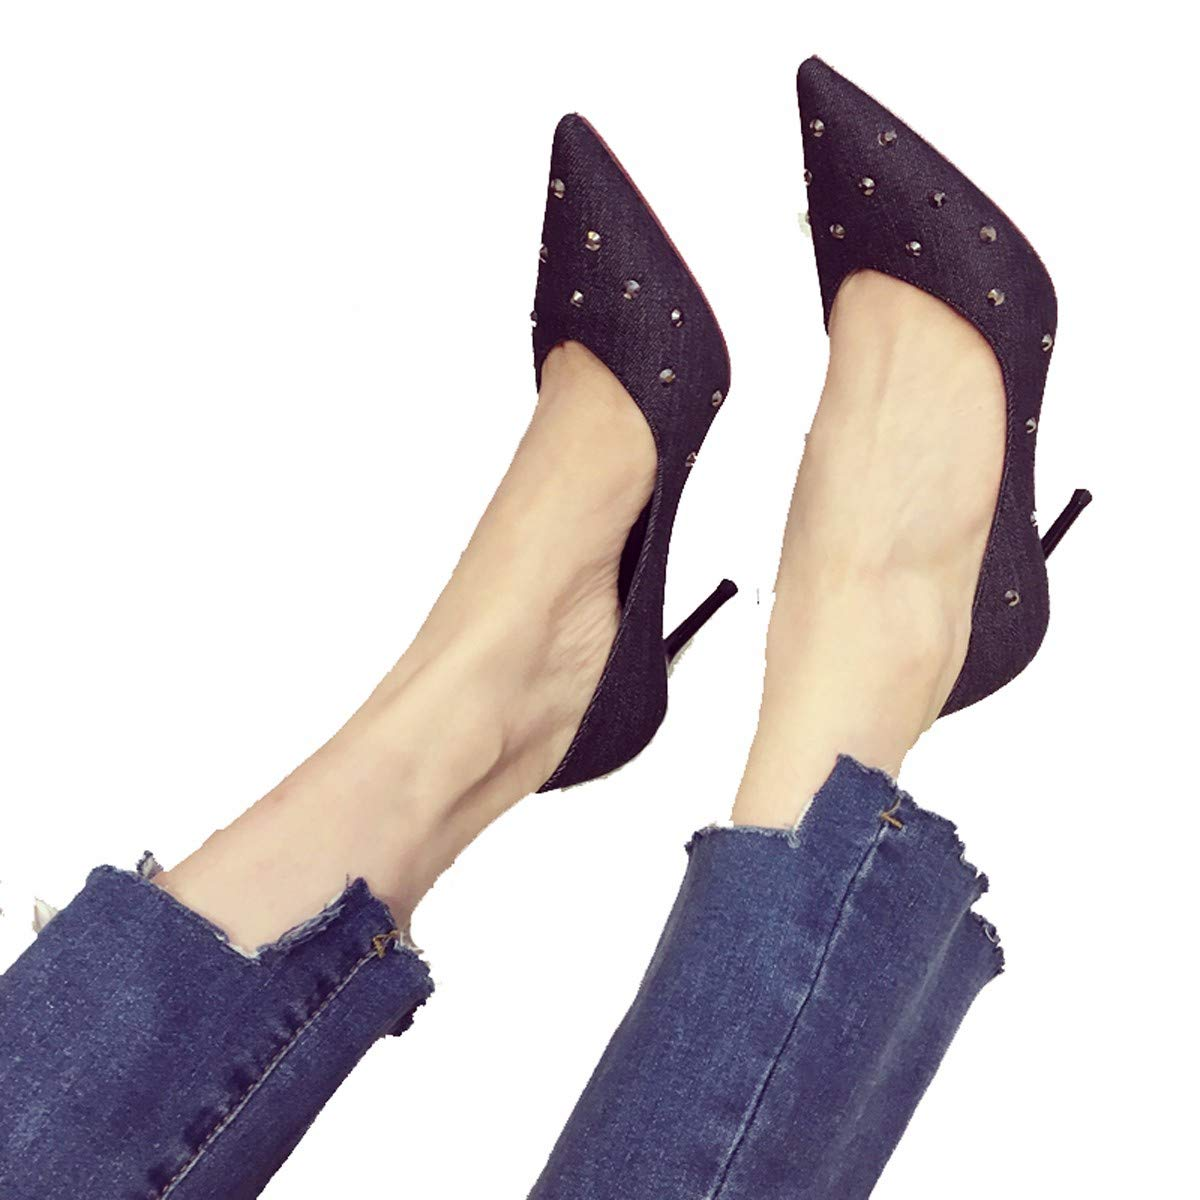 GTVERNH Frauen Schuhe/9Cm High Heels Schuhe Herbst Sexy Nieten Nachts Frauen Schuhe Flach Scharf Darauf Mit Prinzessin Einzigen Schuh.